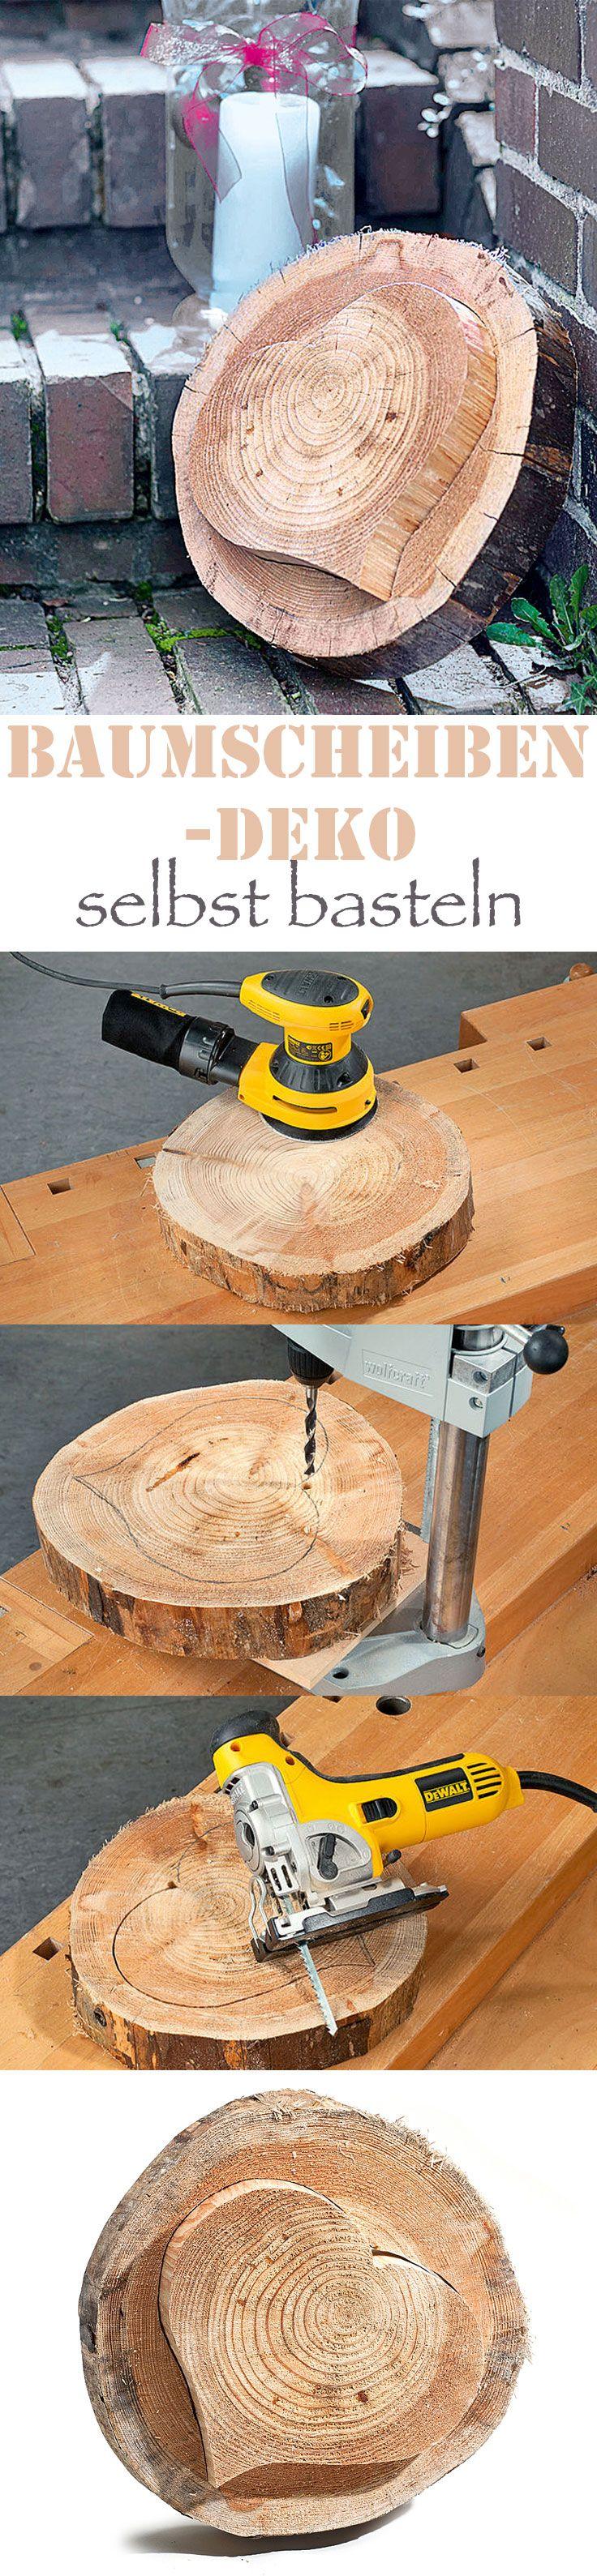 Basteln mit baumscheiben woods woodworking and wood - Baumscheiben zum basteln ...